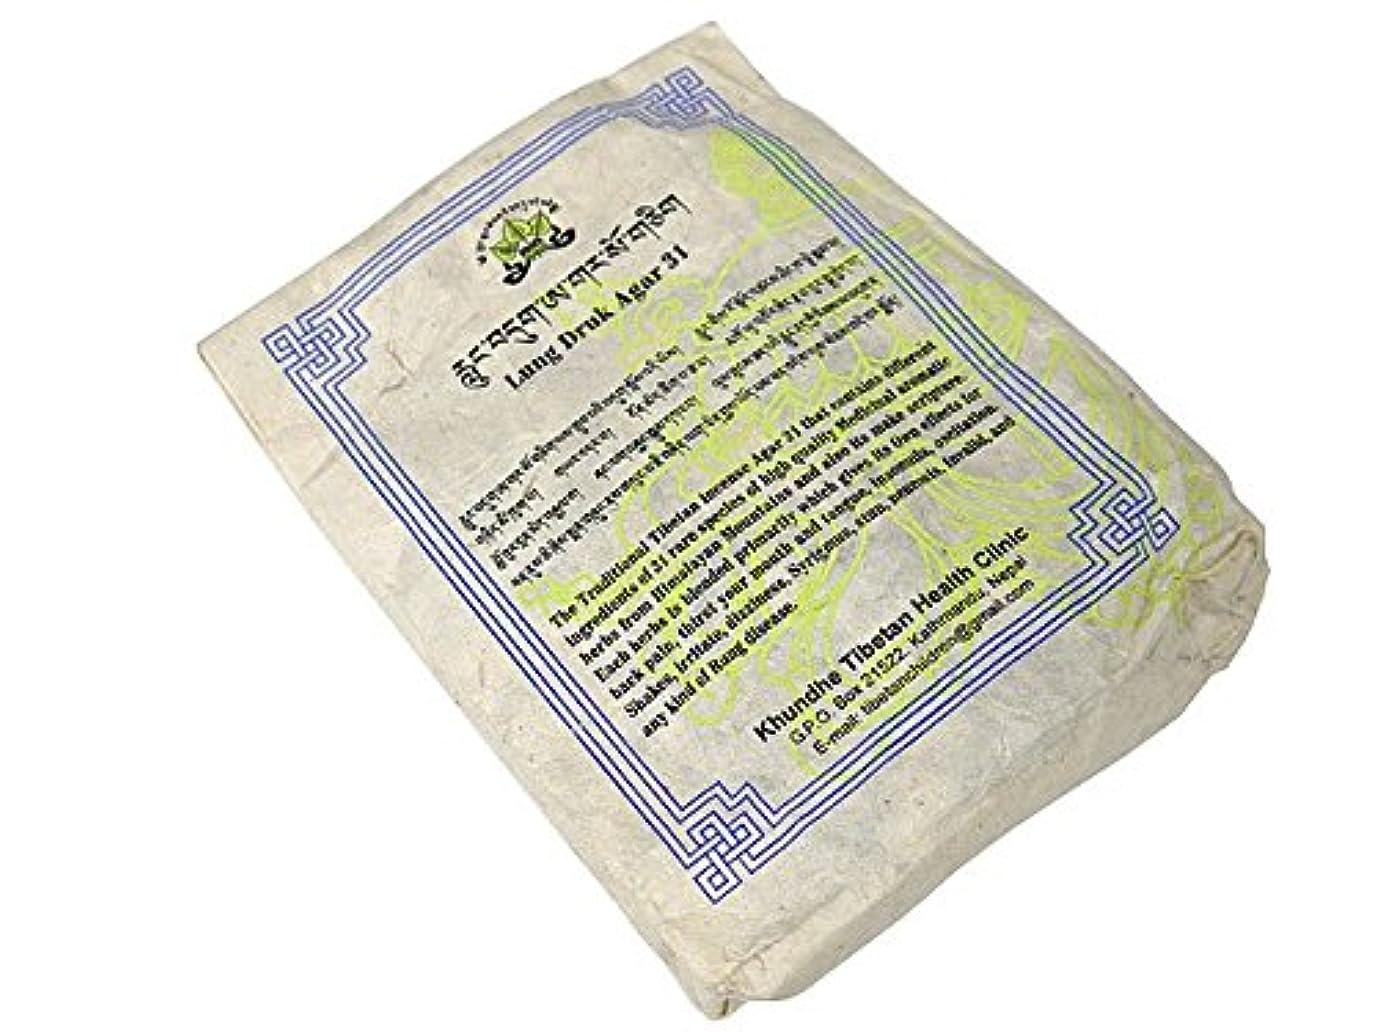 ケーキ酔って着実にKundhe Tibetan Health Clinic チベット医療所の手作りお香【LungDrukAgar31ルンドゥックアガー31】